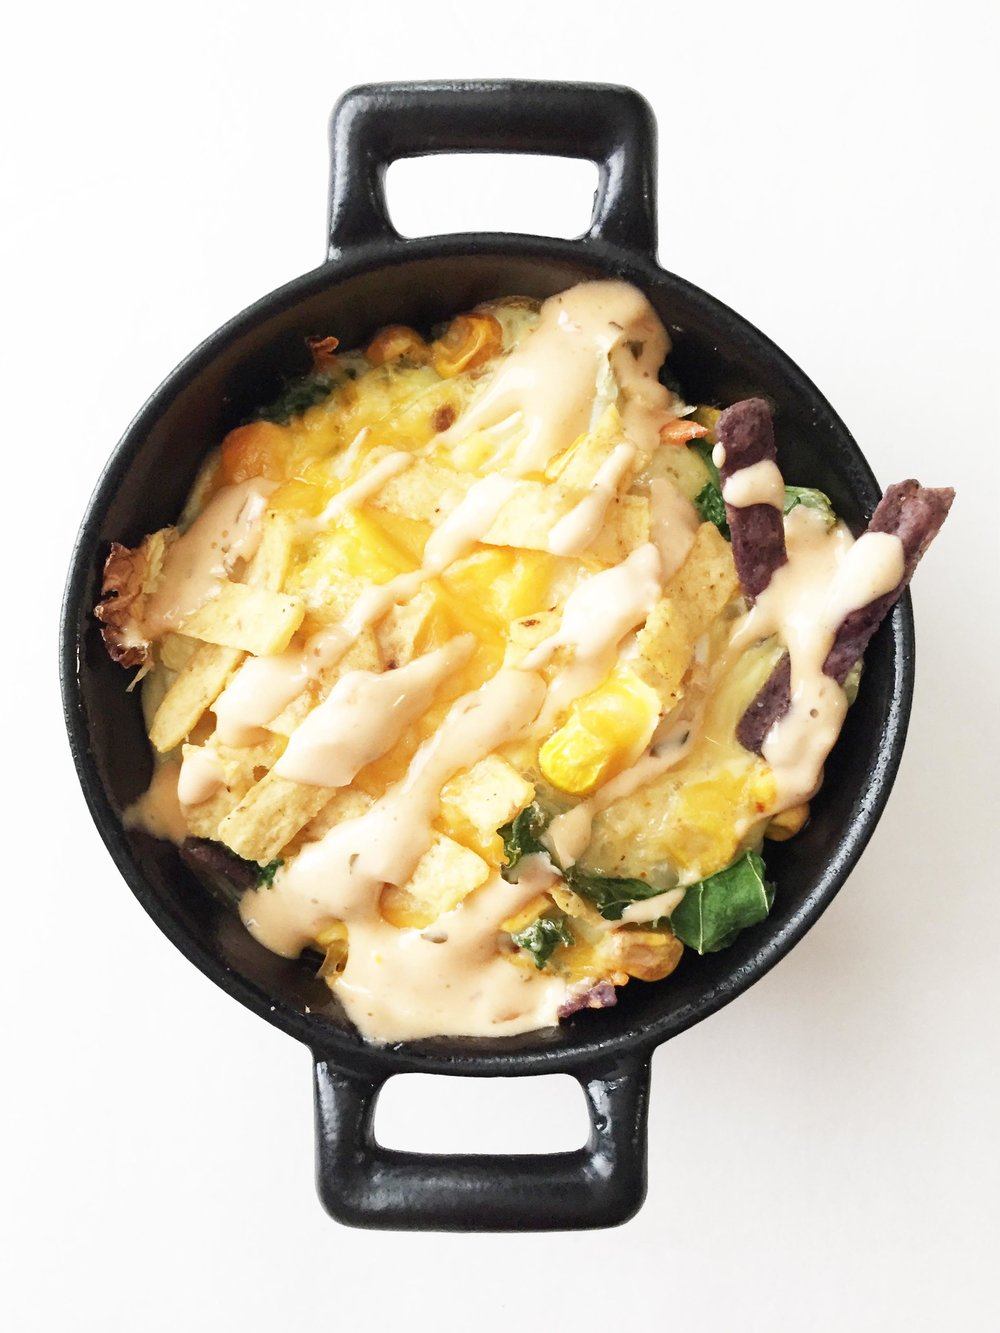 kale-egg-bake.jpg